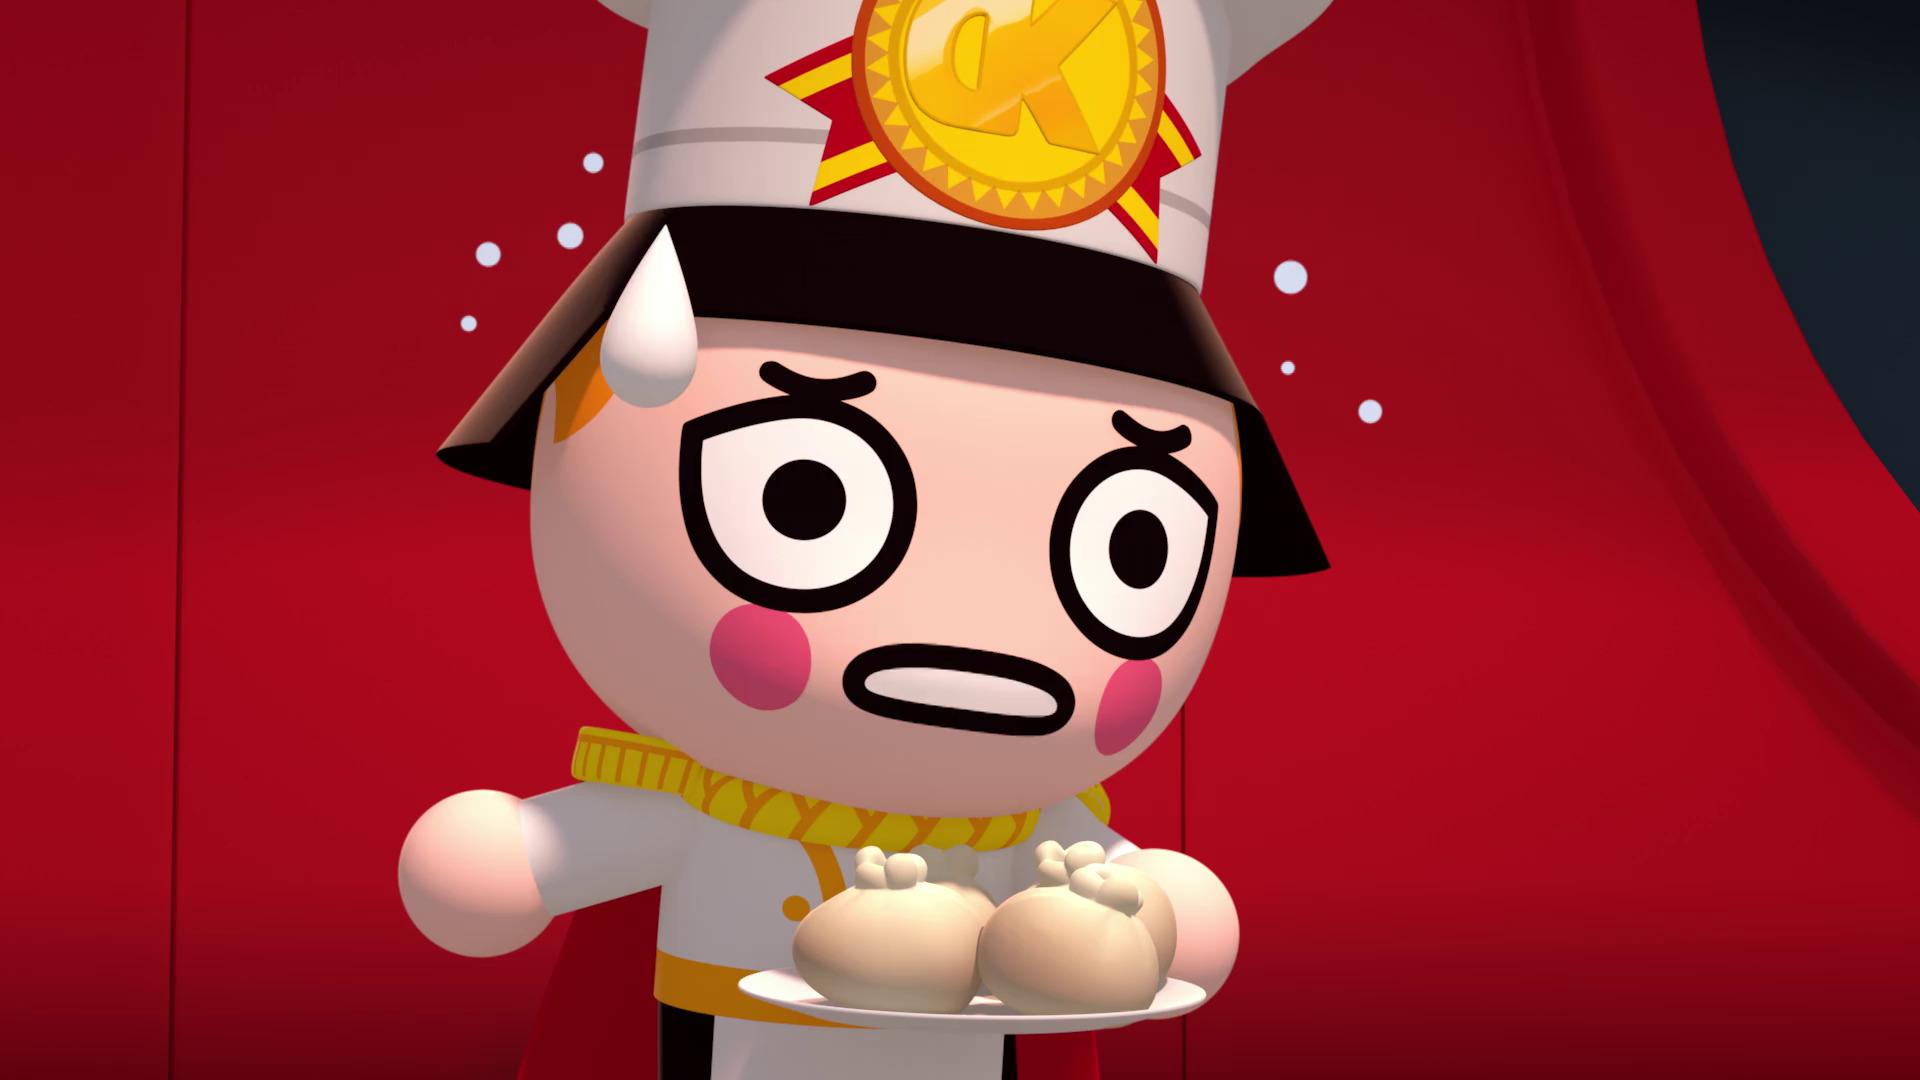 Temporada 3: Receta de amor T3 - C21: Chef maestro del Dong King?